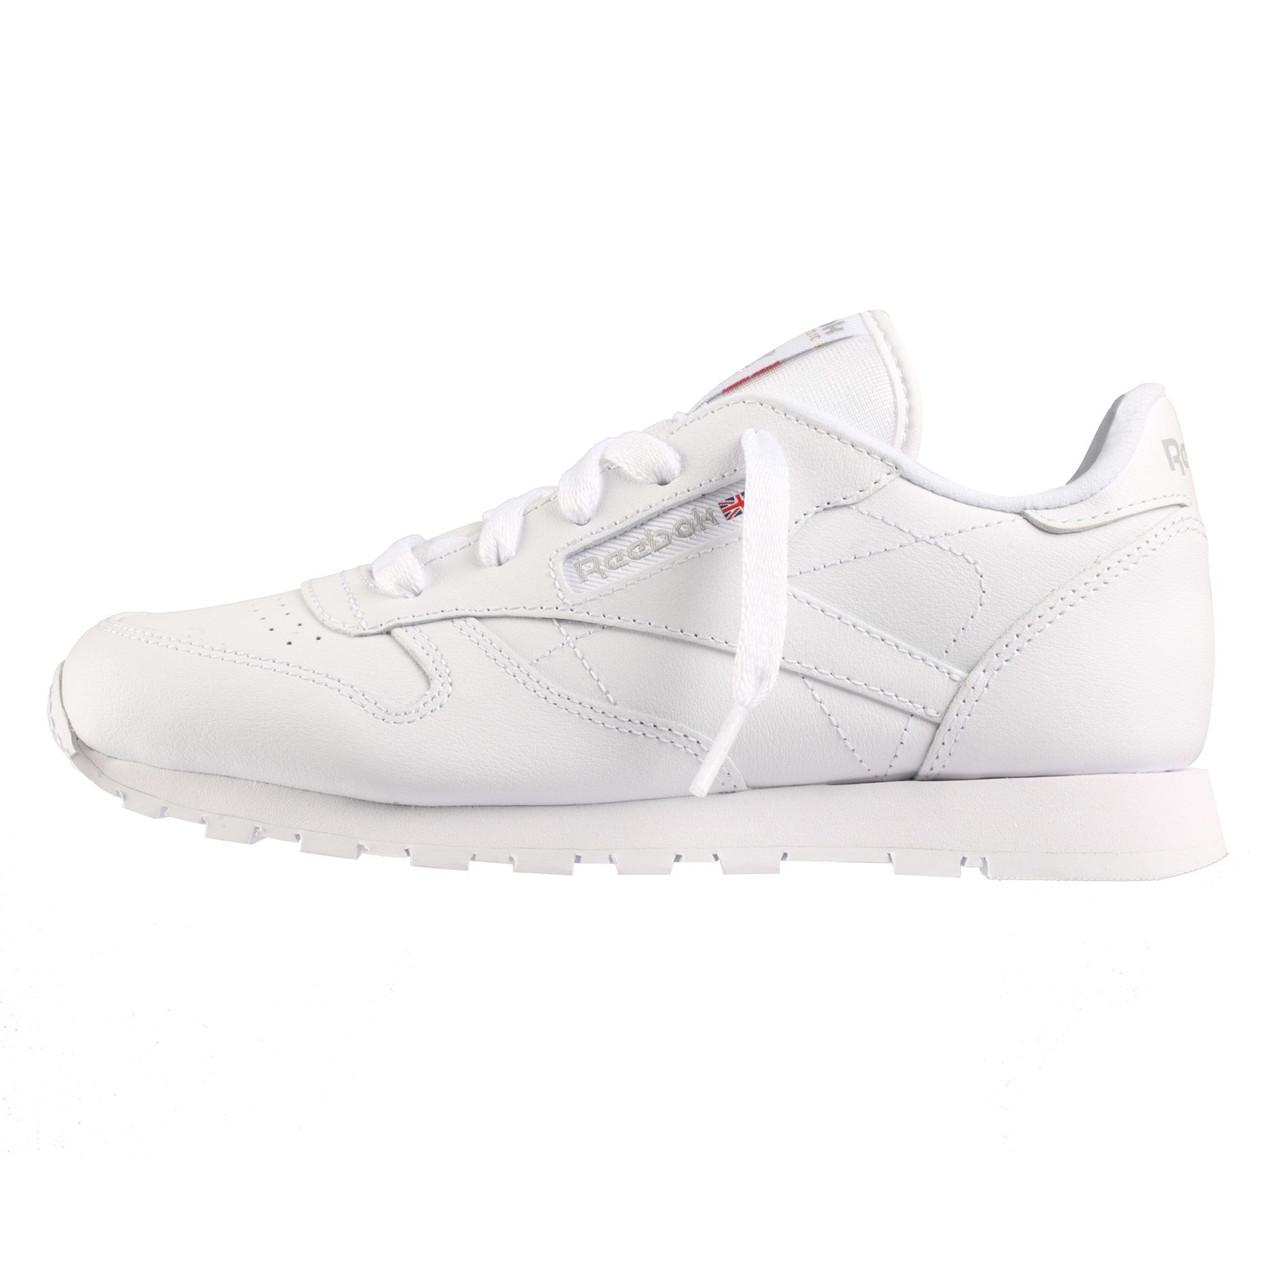 Купить Детские кроссовки Reebok Classic Leather (Артикул  50172) в ... b29c03e85de